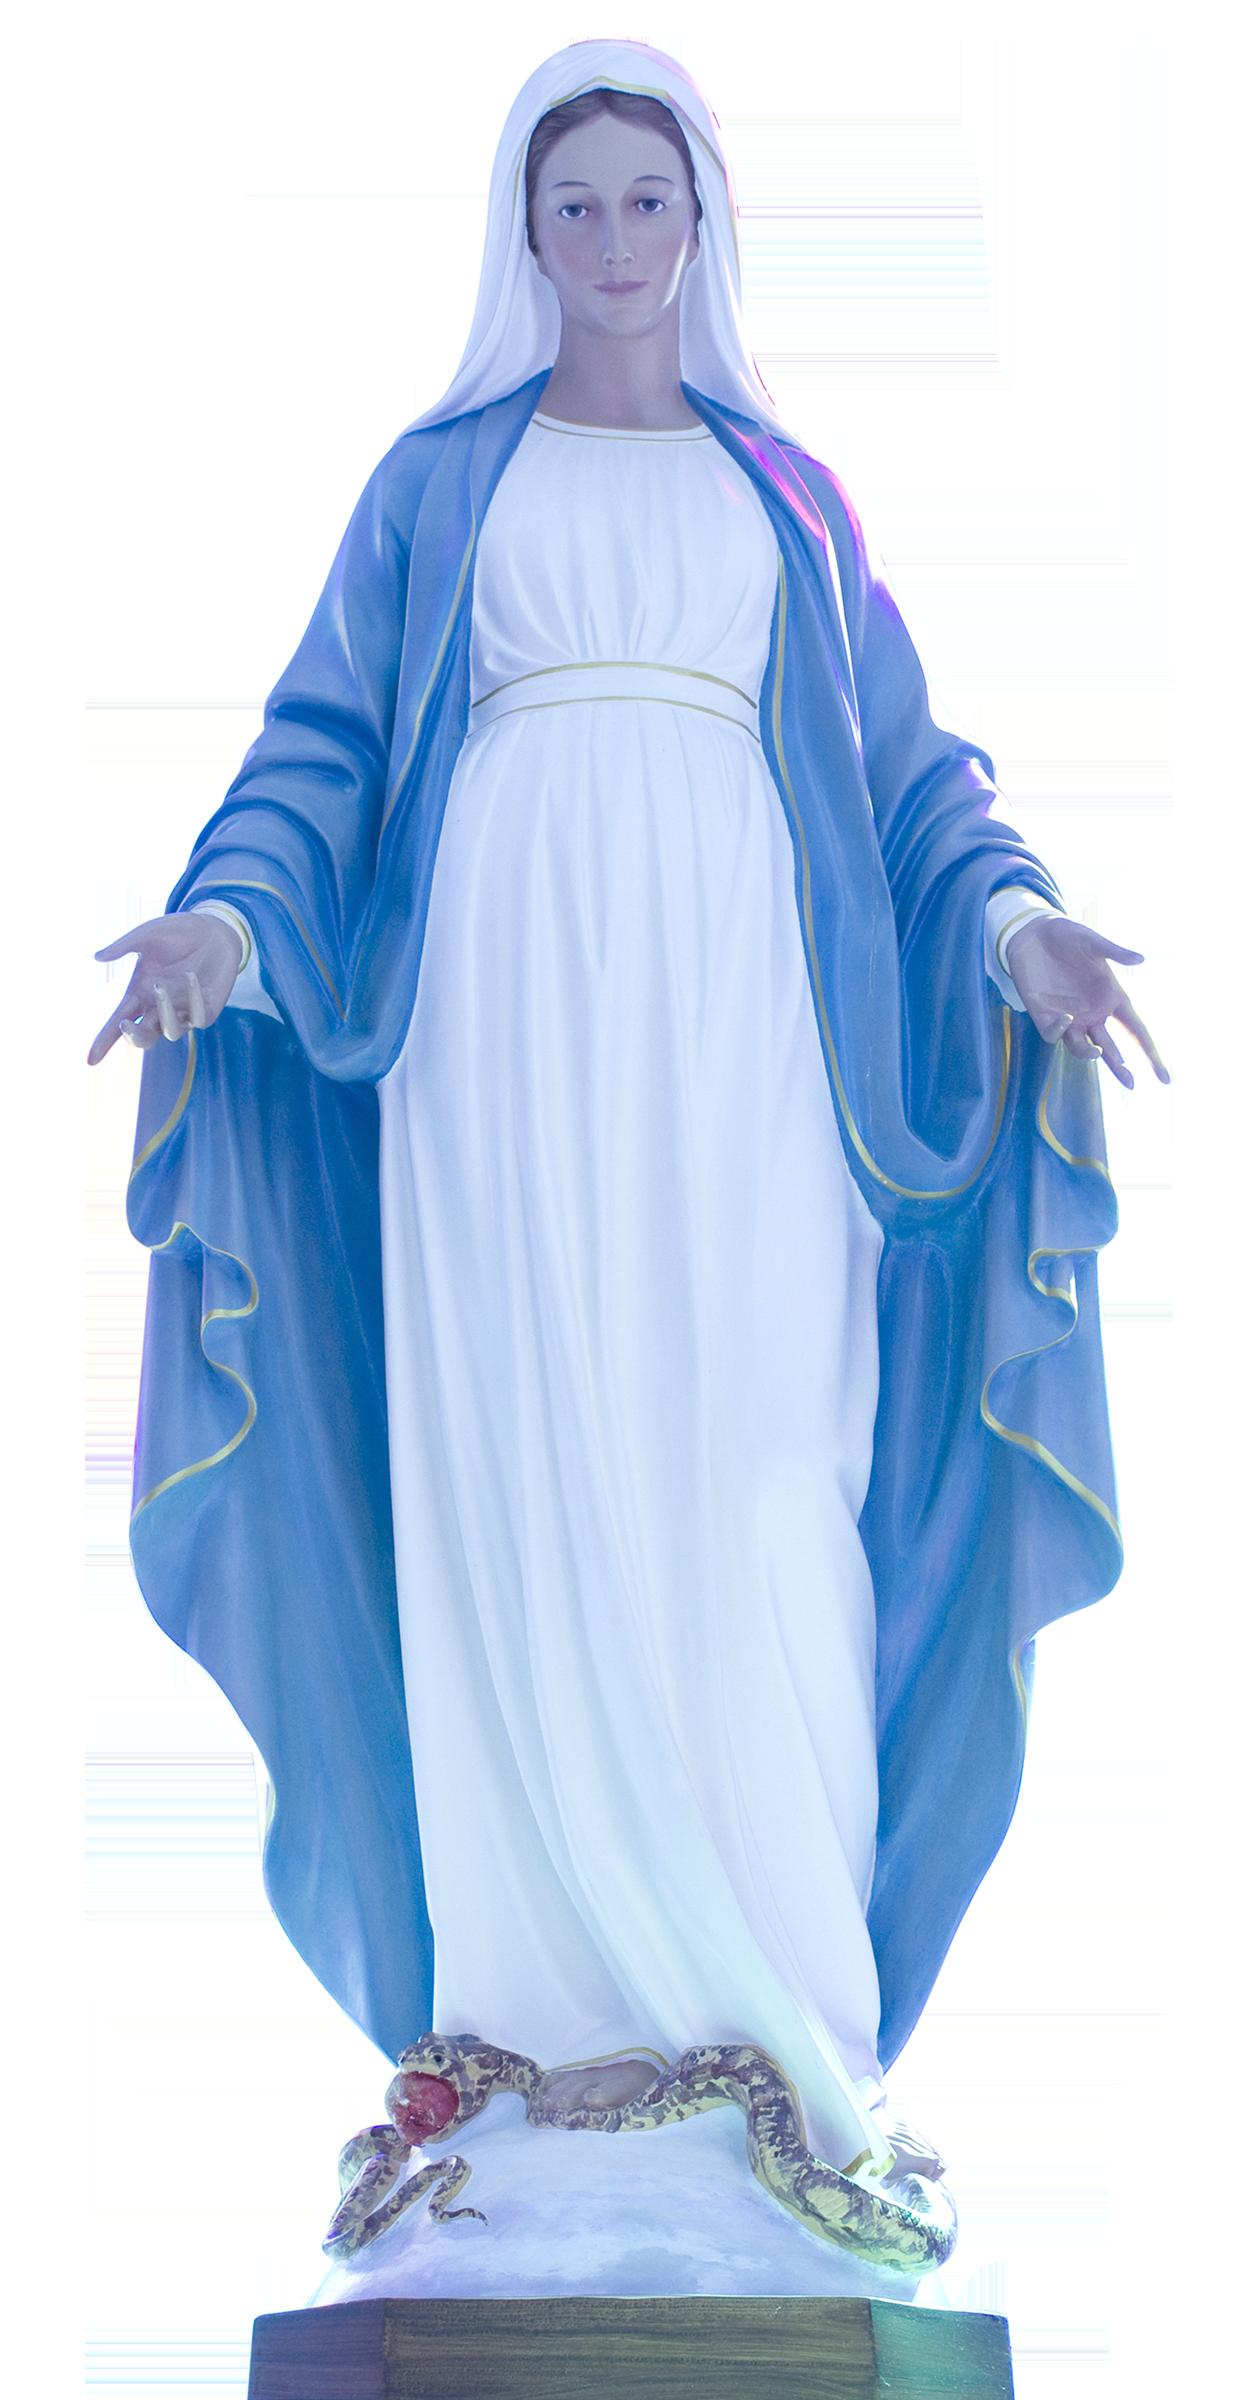 The Virgin Mary at Marylake. Photo: Tony Battaglia